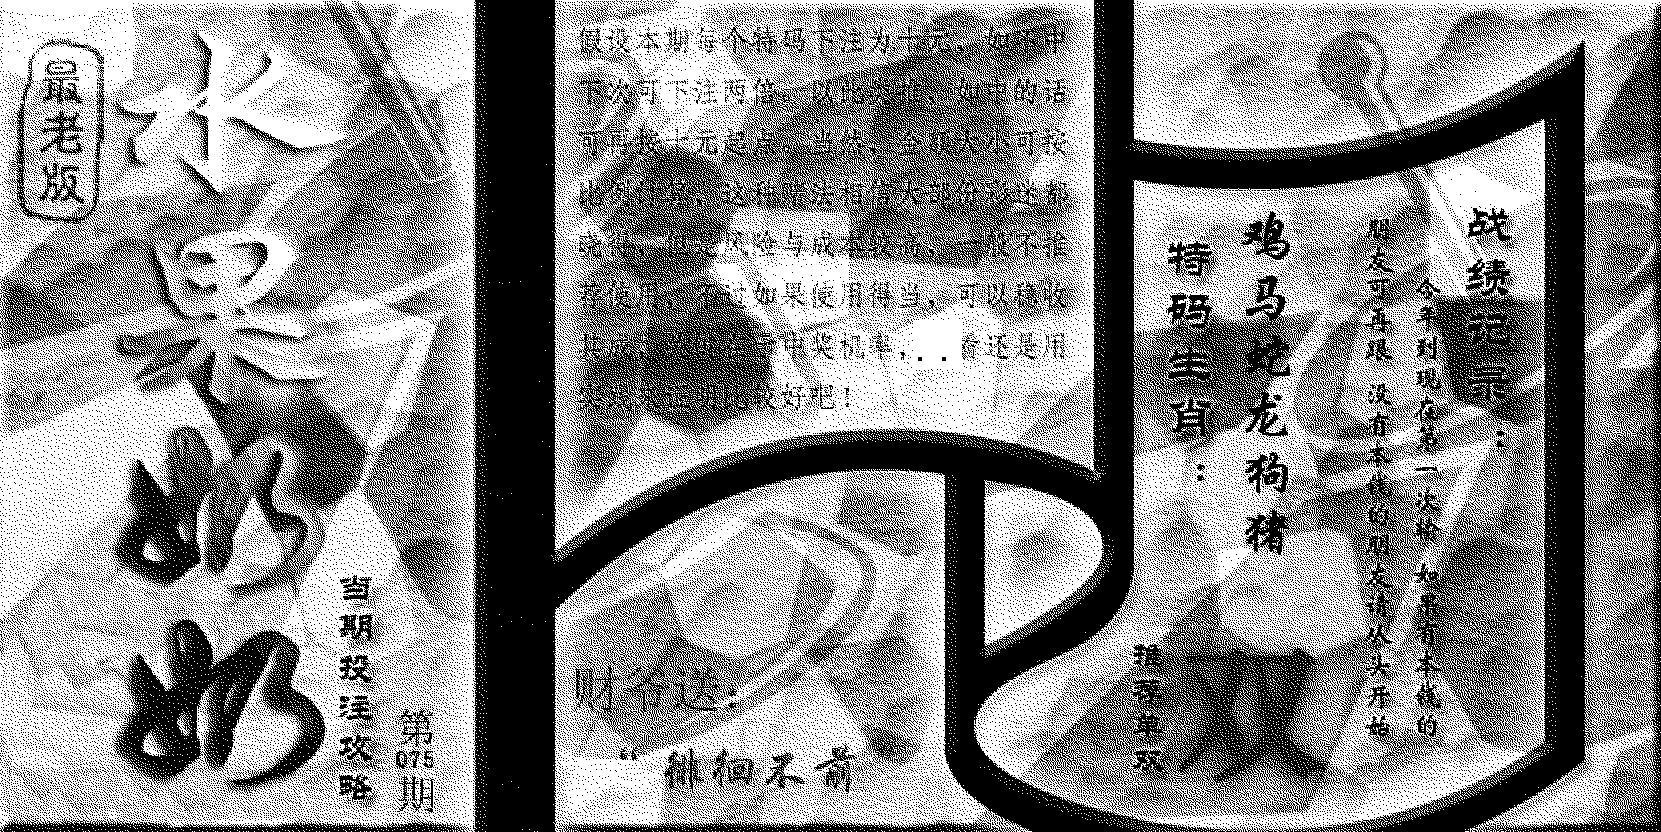 075期(九龙单双攻略)老版(黑白)